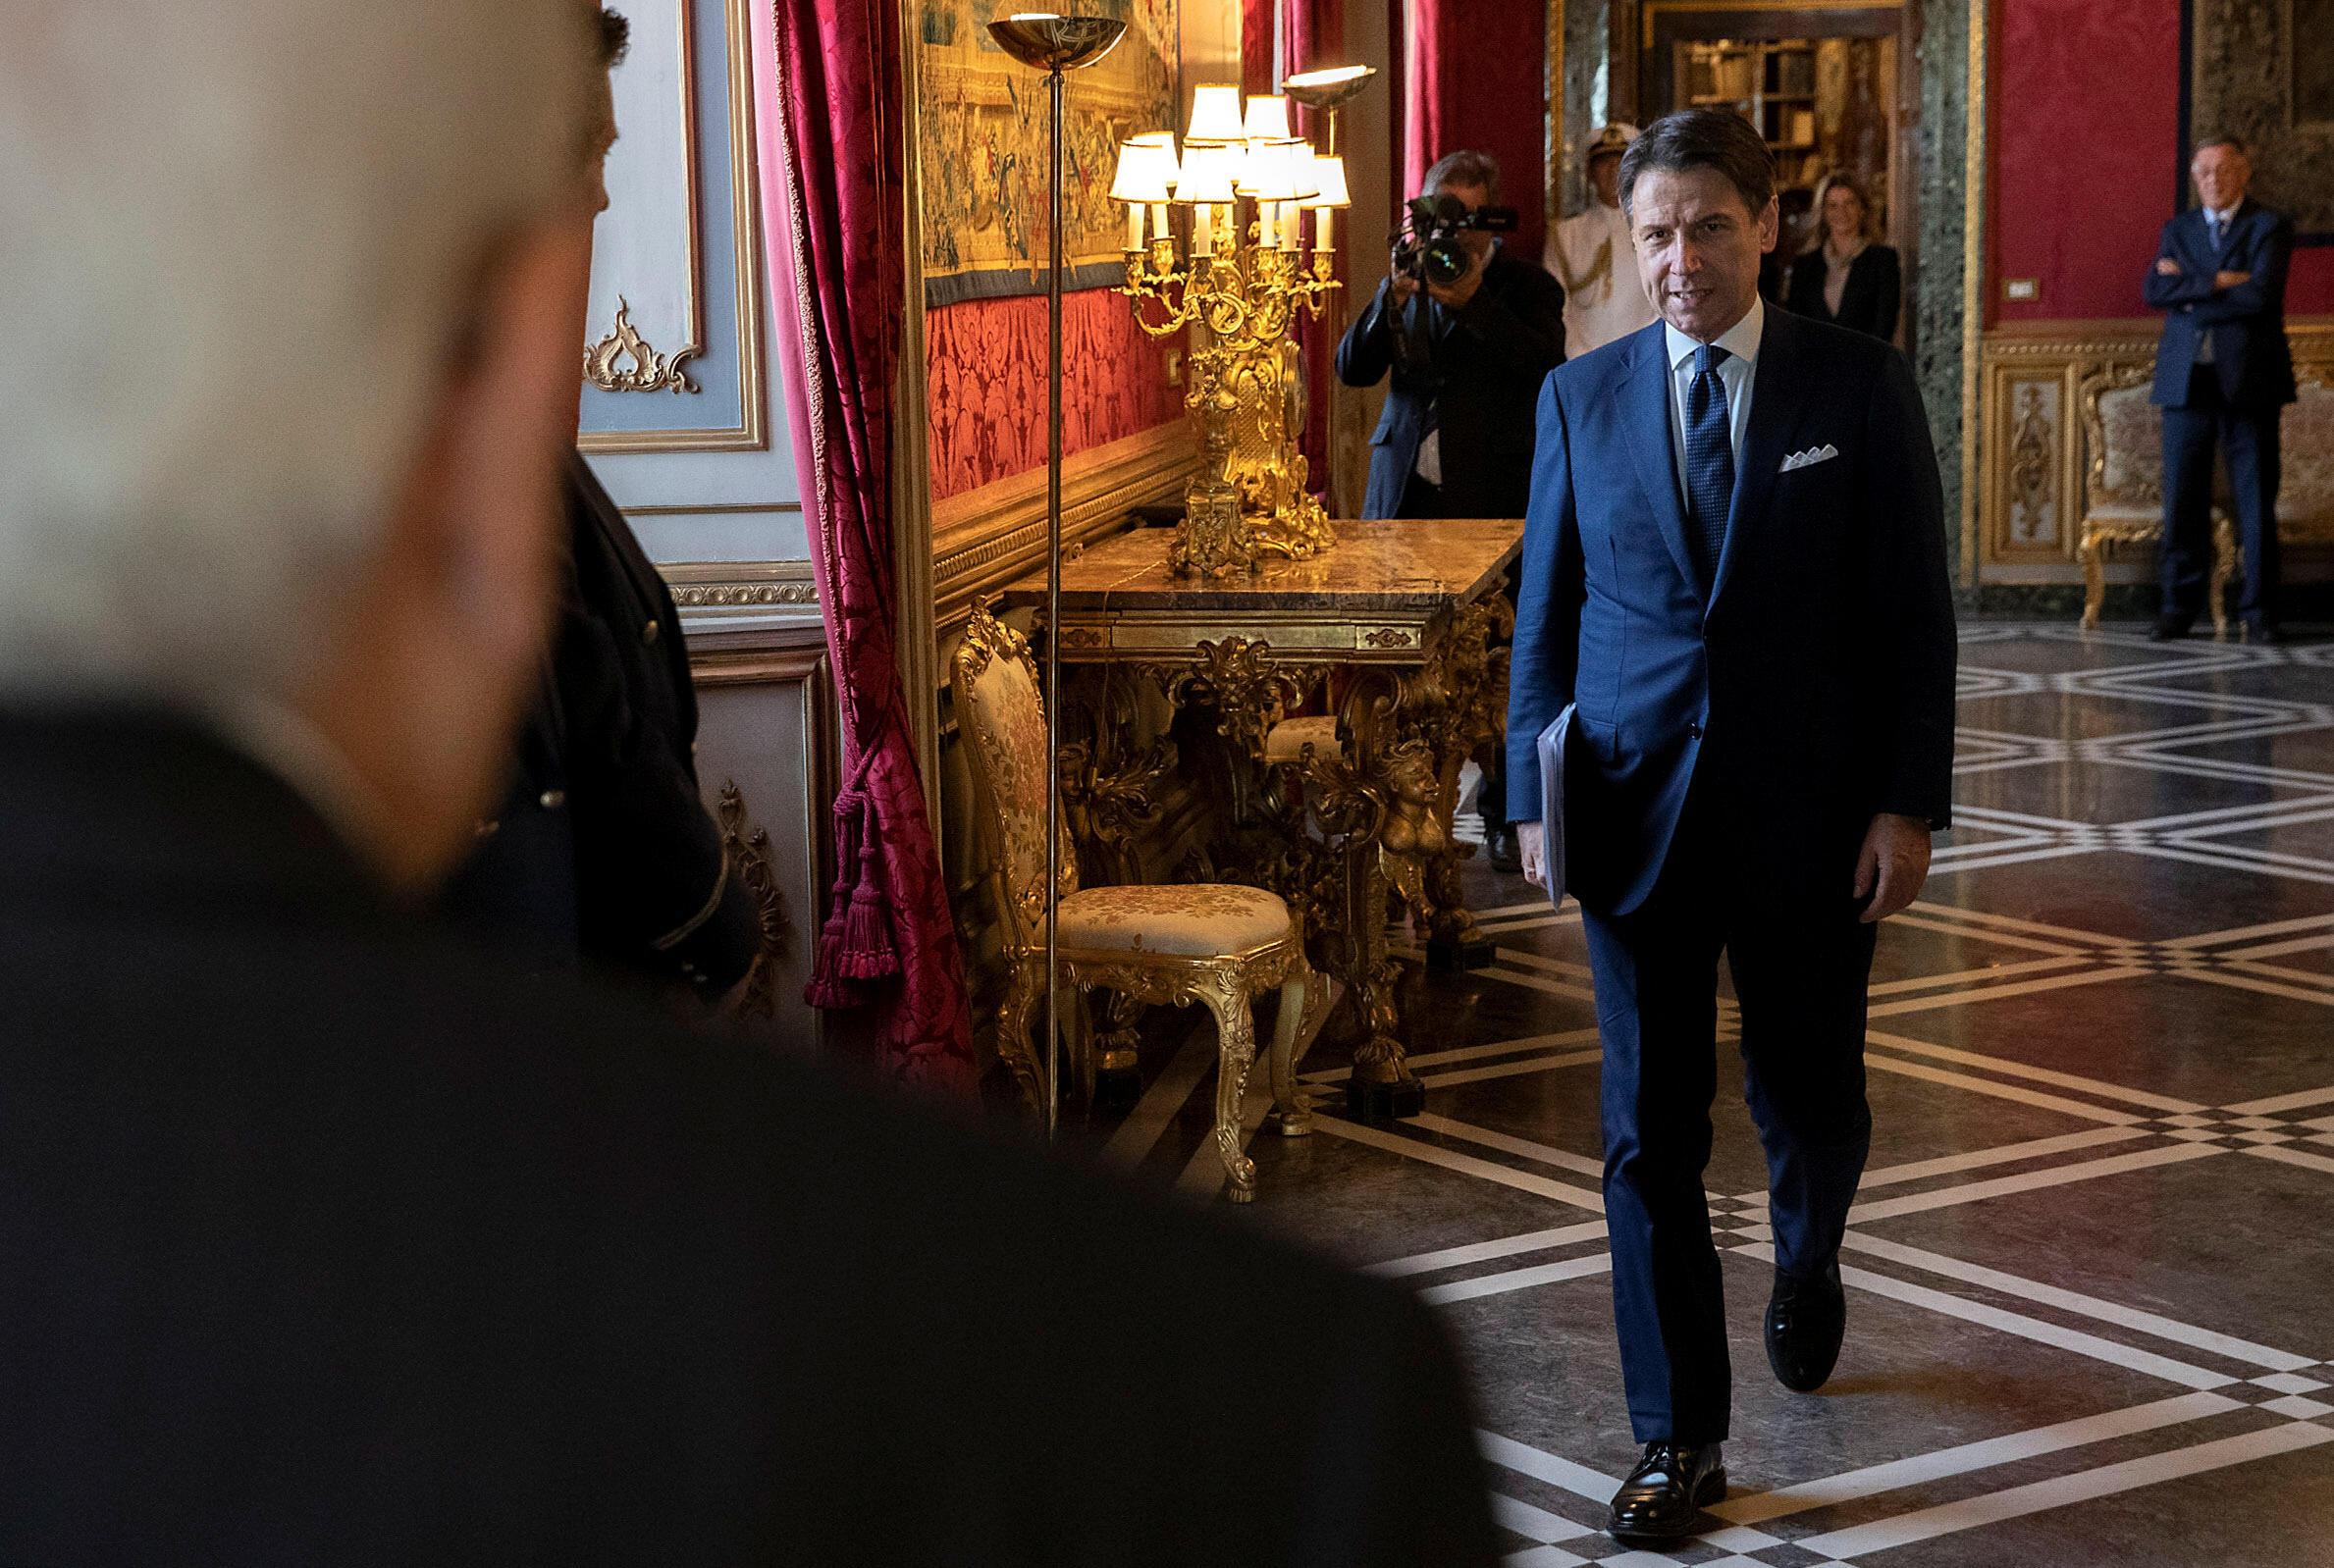 Ce mercredi, Giuseppe Conte a informé le président italien Sergio Mattarella qu'il avait formé un nouveau gouvernement,